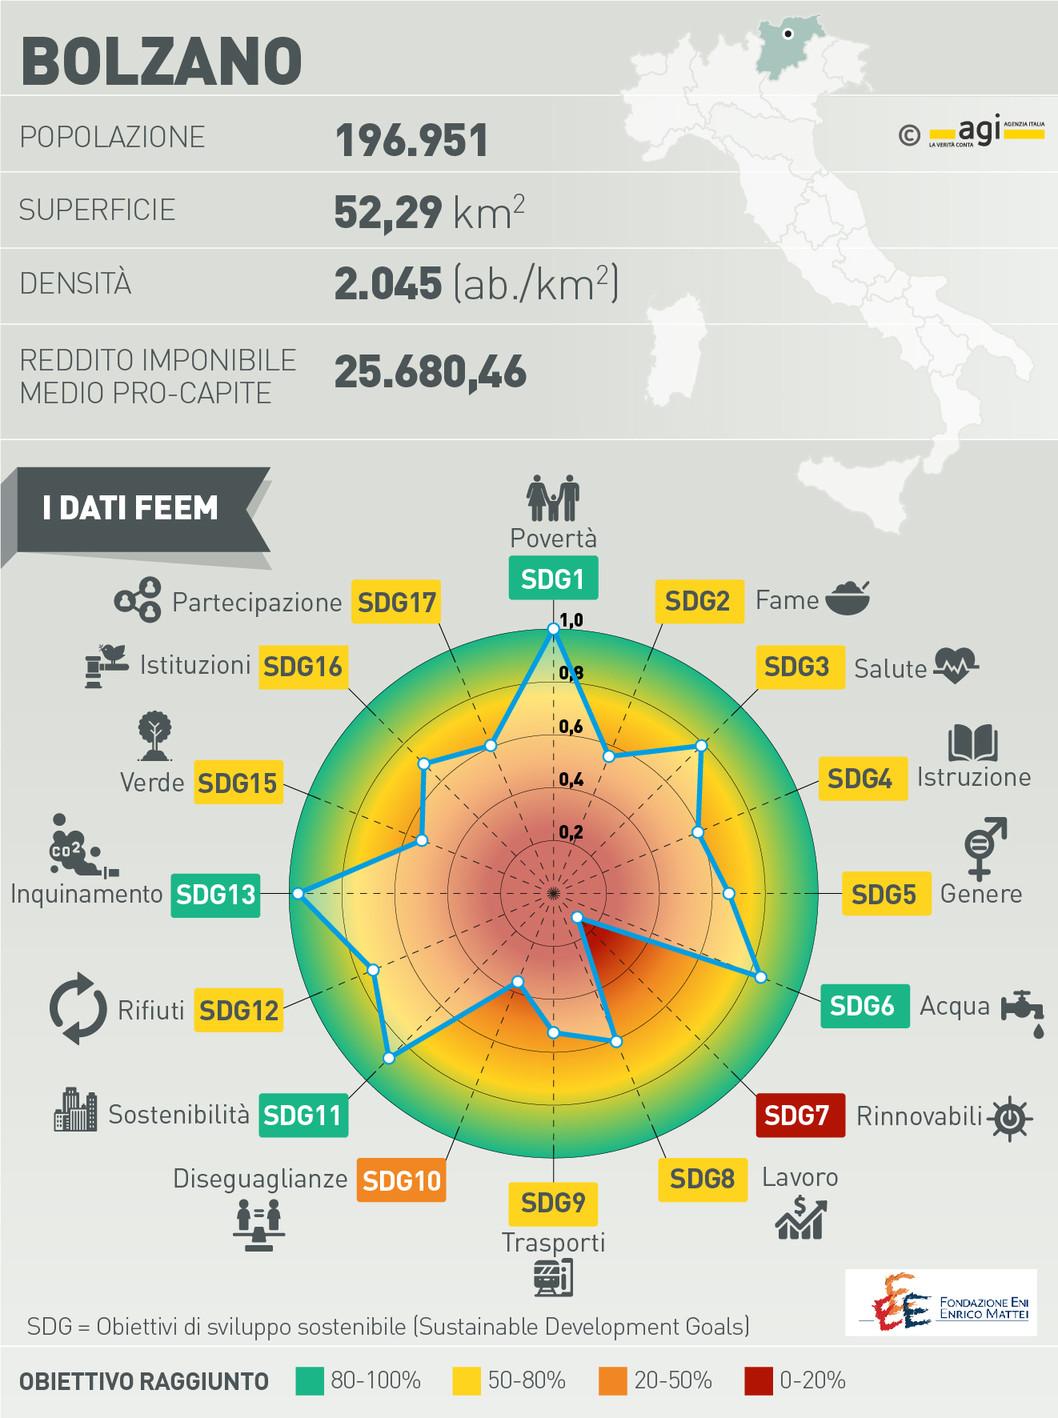 Viaggio nelle città sostenibili. Bolzano vuole emulare il mo